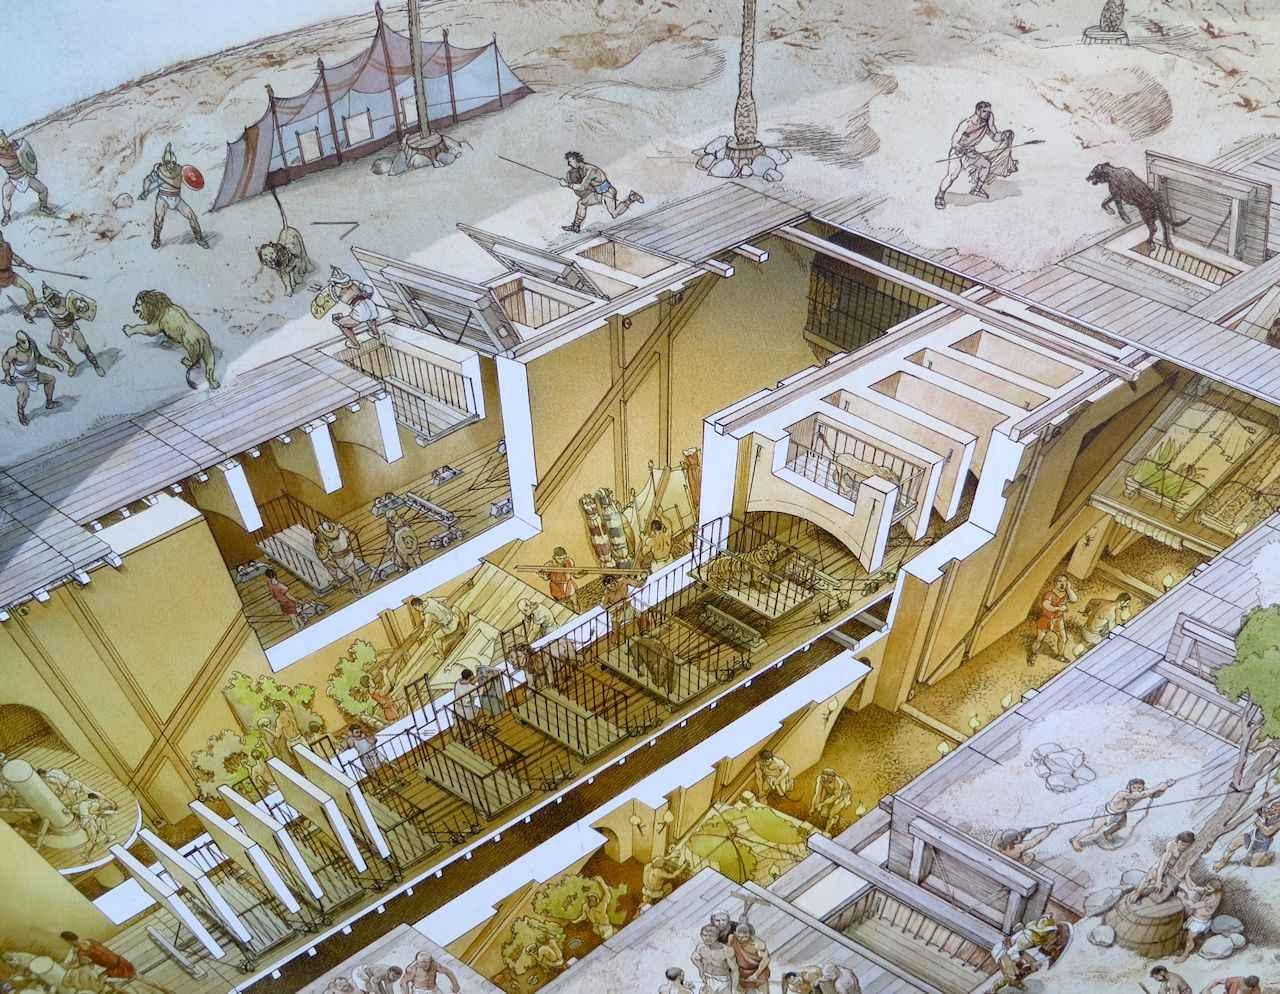 O Coliseu era um imenso estádio ou salão de espetáculos cruéis ou assassinos. Hoje não há cenários semelhantes?